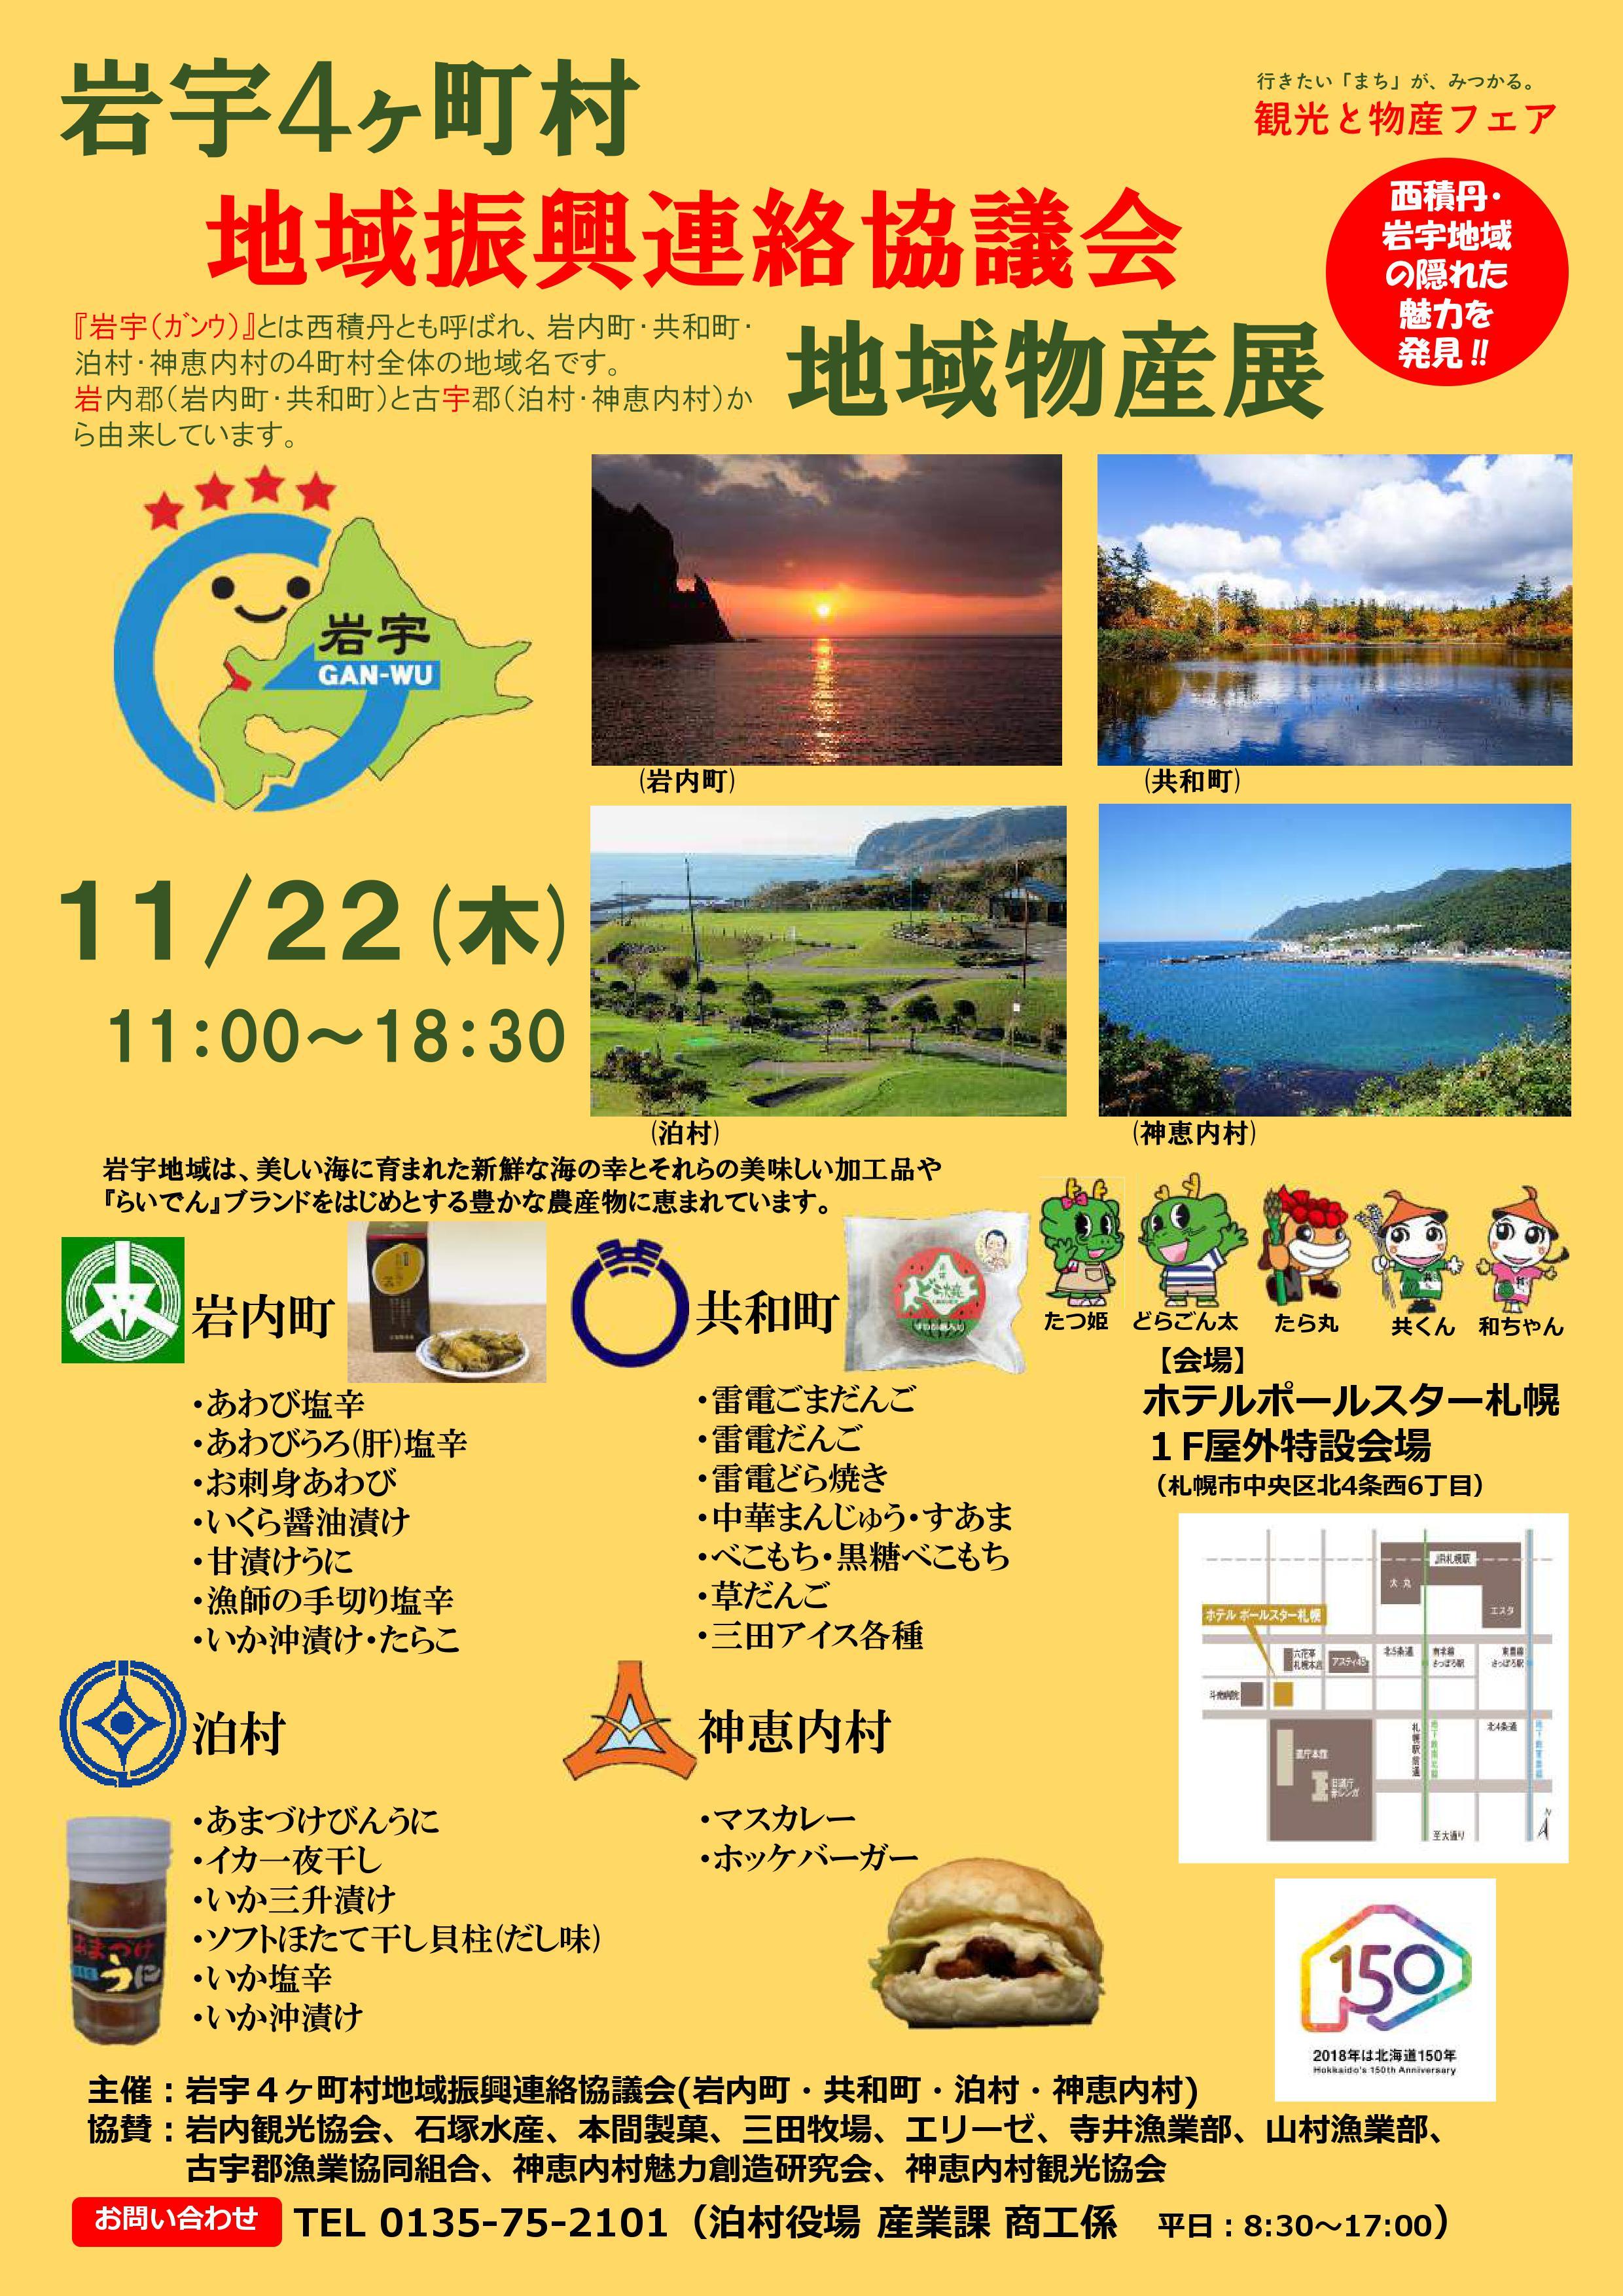 岩宇(ガンウ)4ヶ町村地域物産展(11月22日)が開催されます。